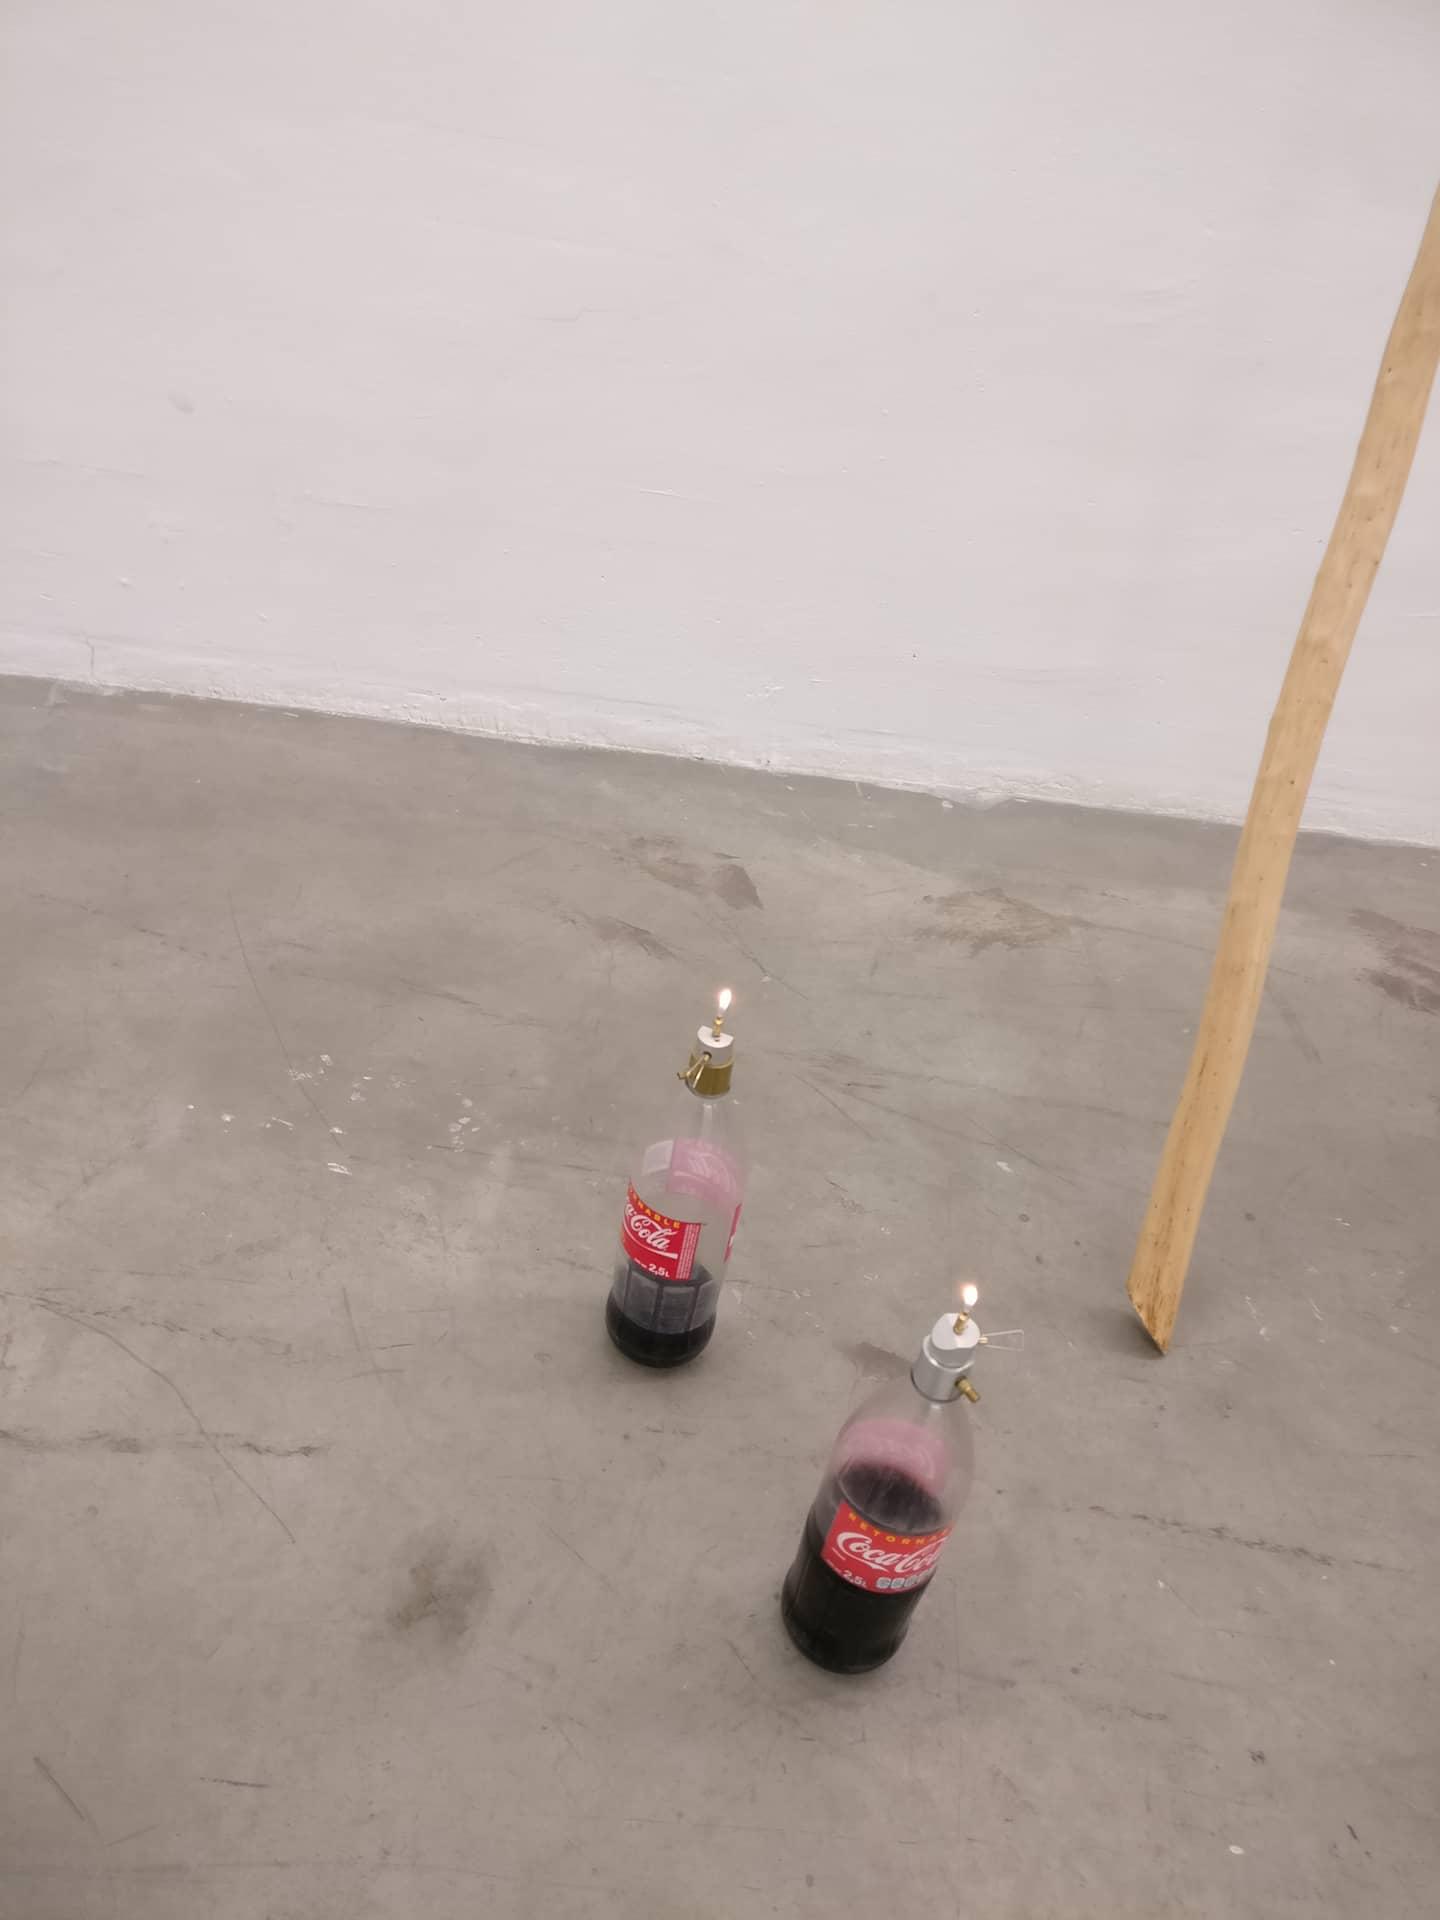 Image: Installation view, Ariel Schlesinger & Wilfredo Prieto at Nogueras Blanchard